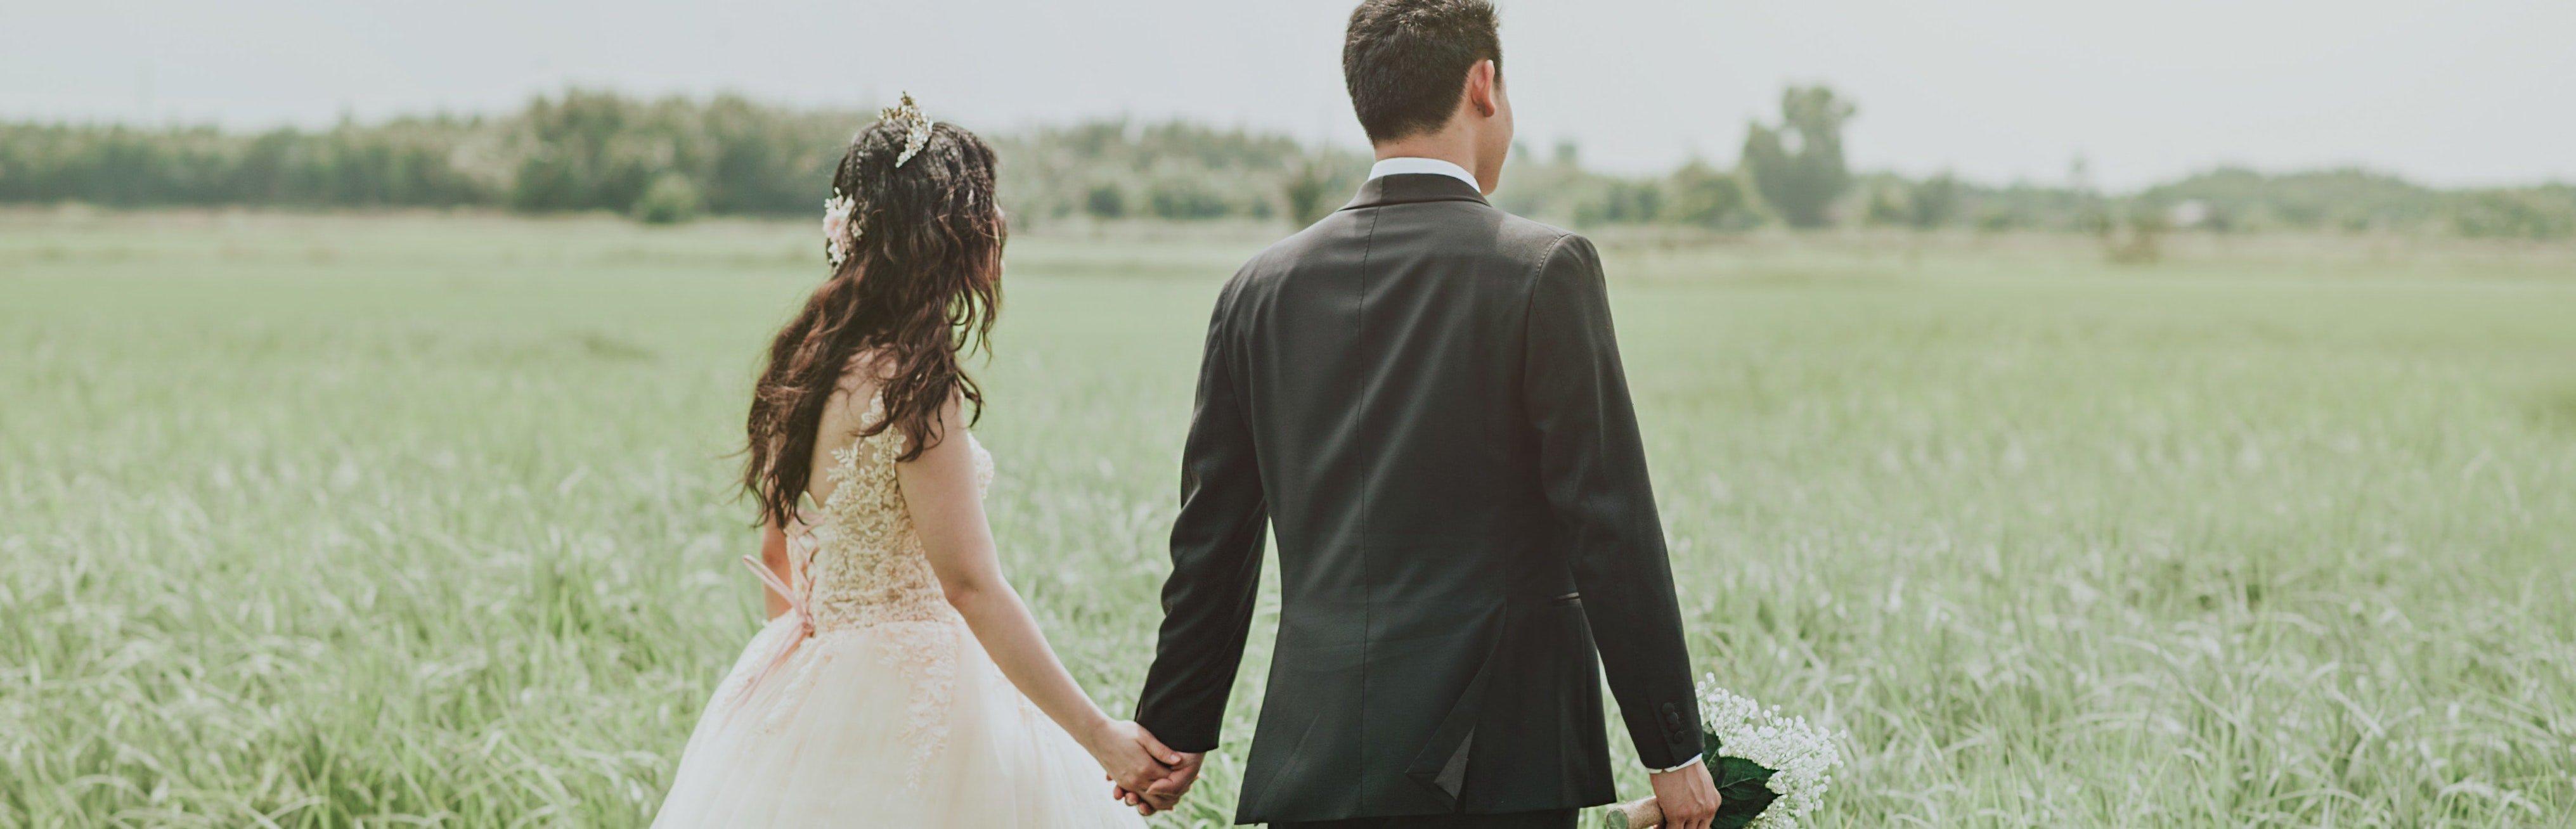 Married couple walking in field.